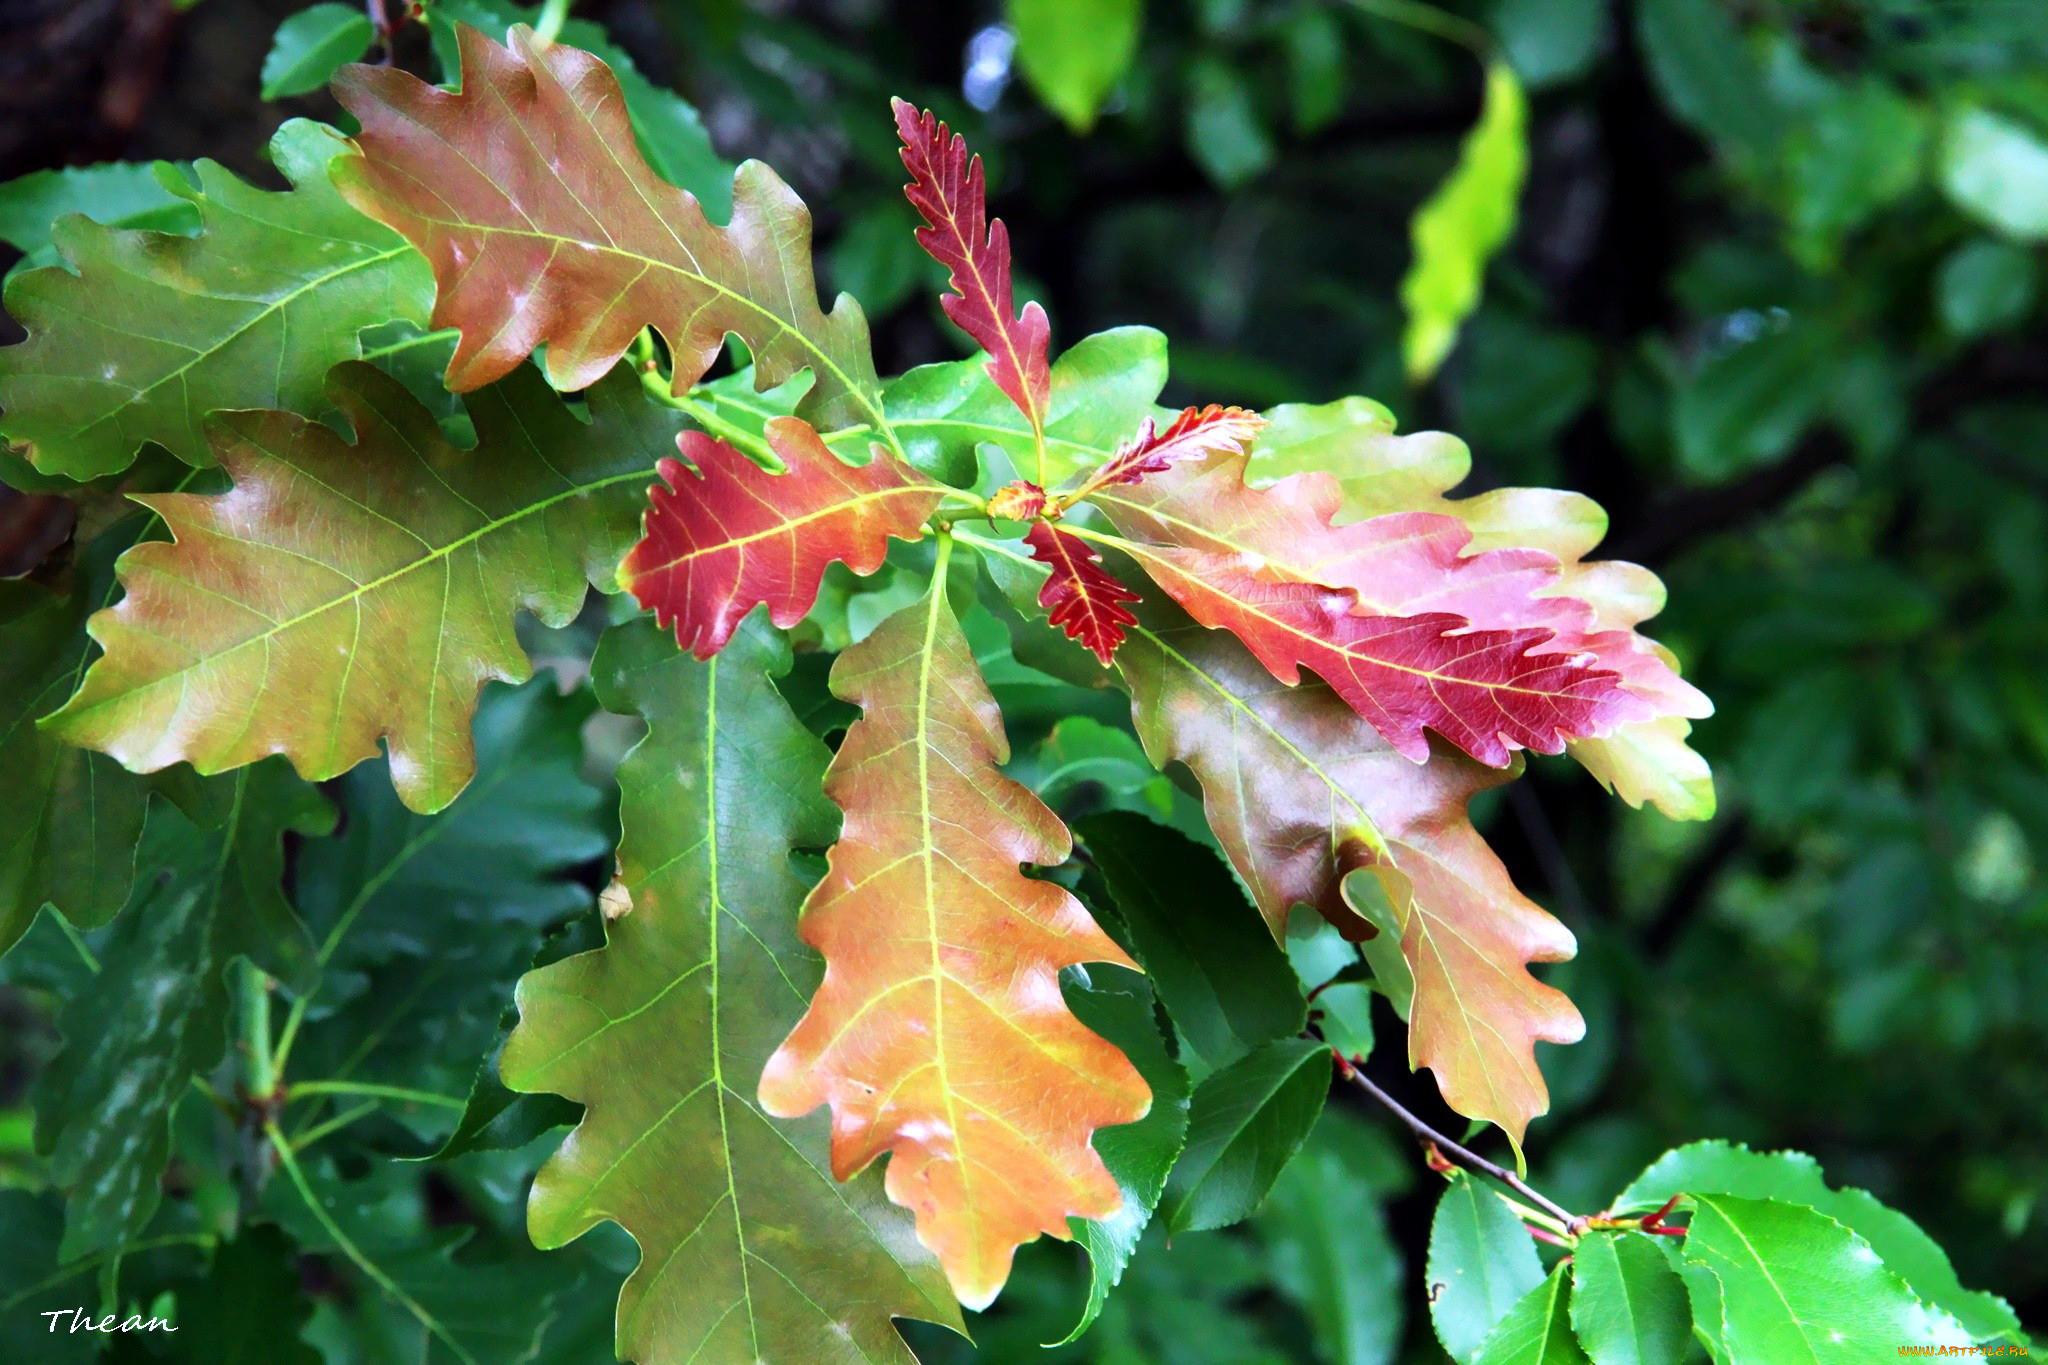 работы программе какого цвета листья дуба летом фото того